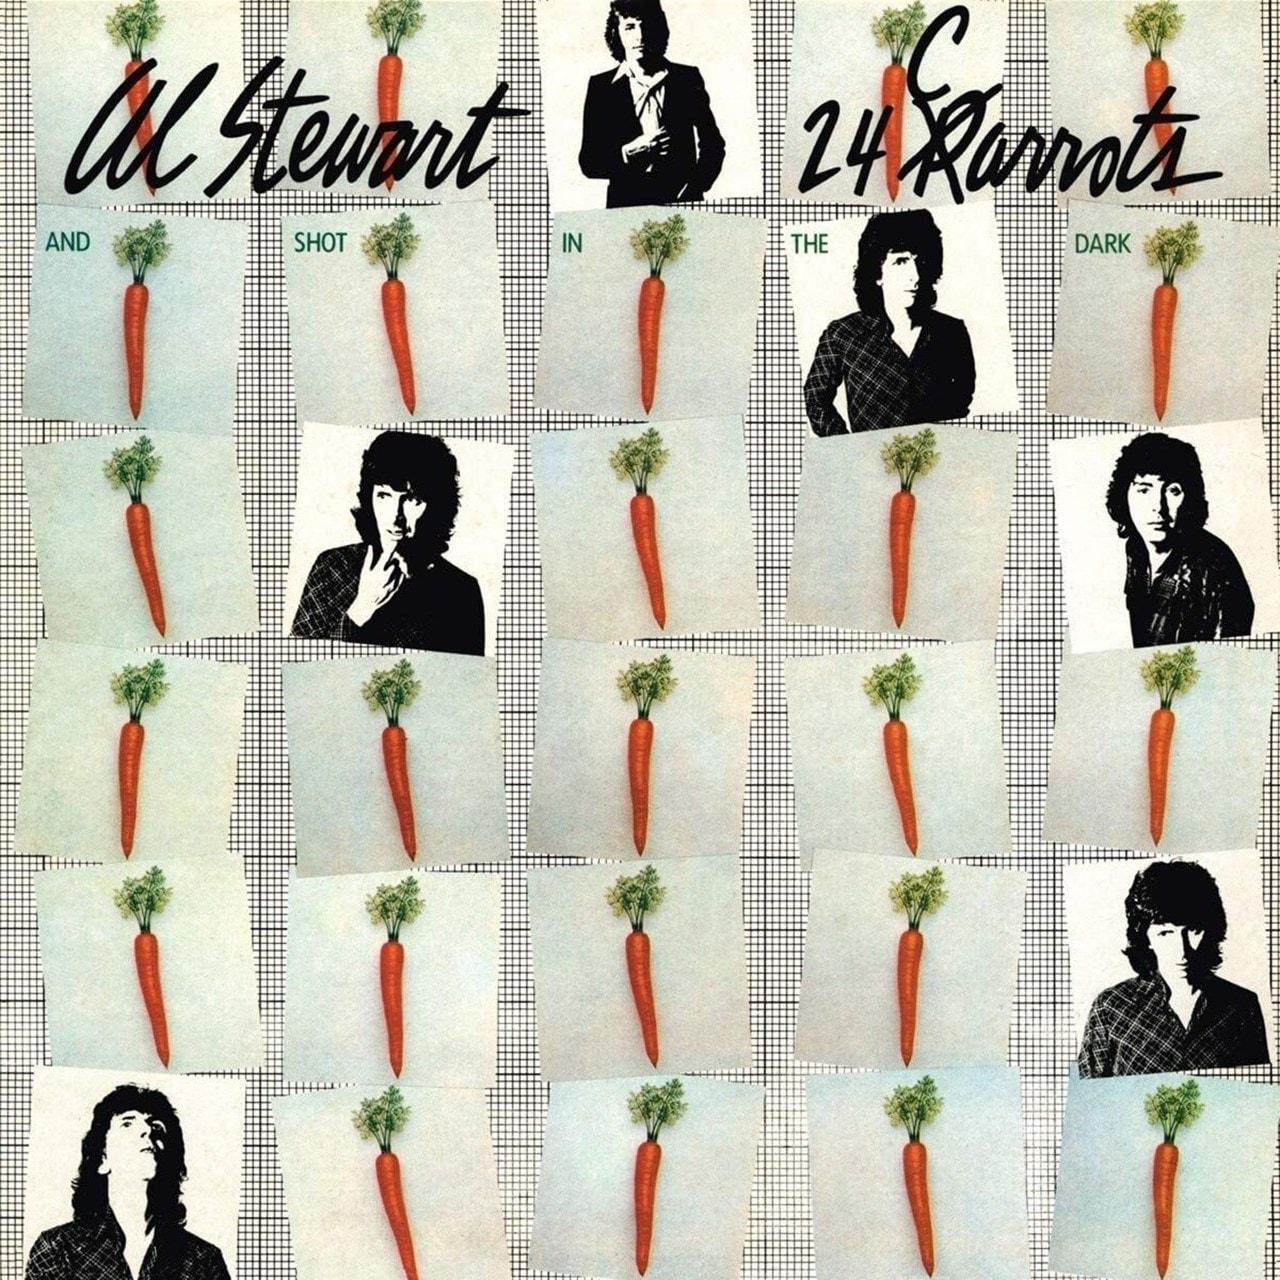 24 Carrots - 1